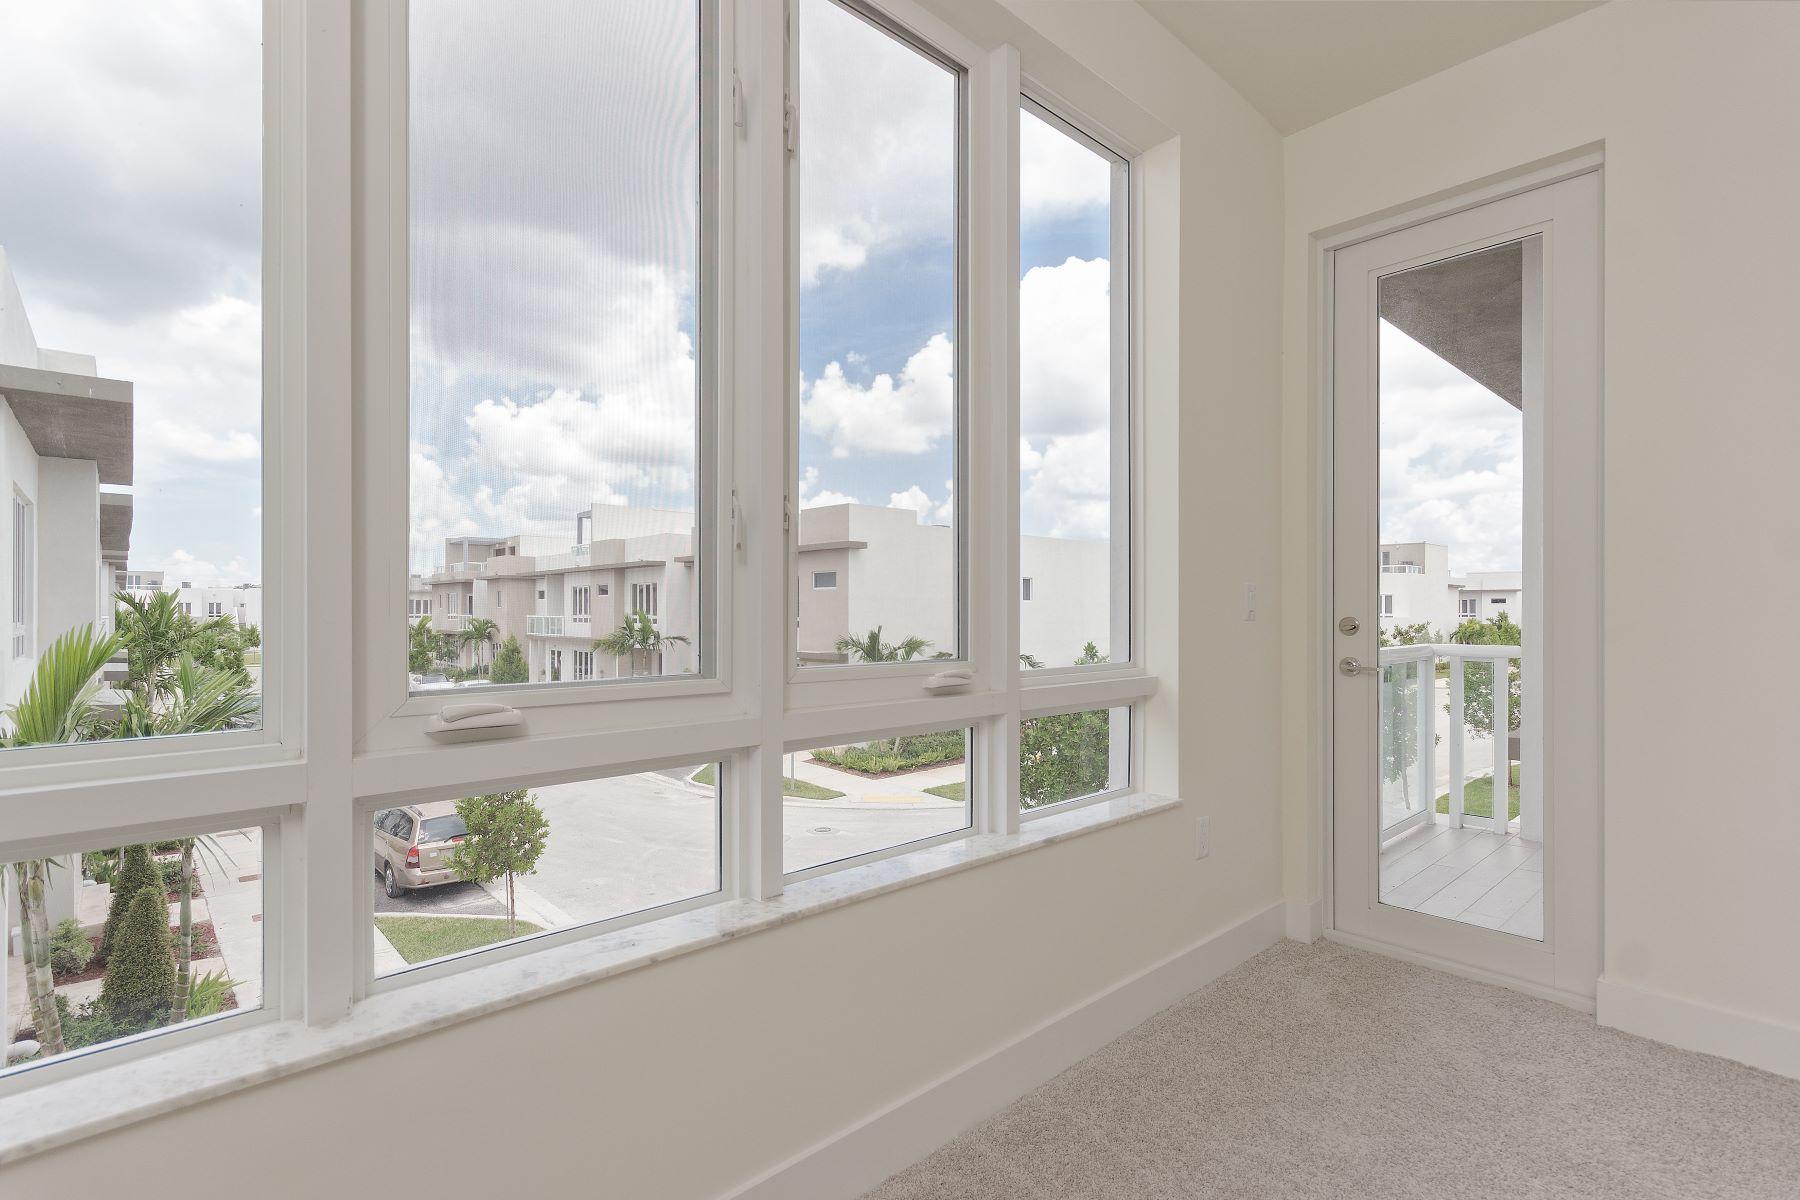 townhouses için Satış at 6307 Nw 103rd Psge 6307, Doral, Florida 33178 Amerika Birleşik Devletleri